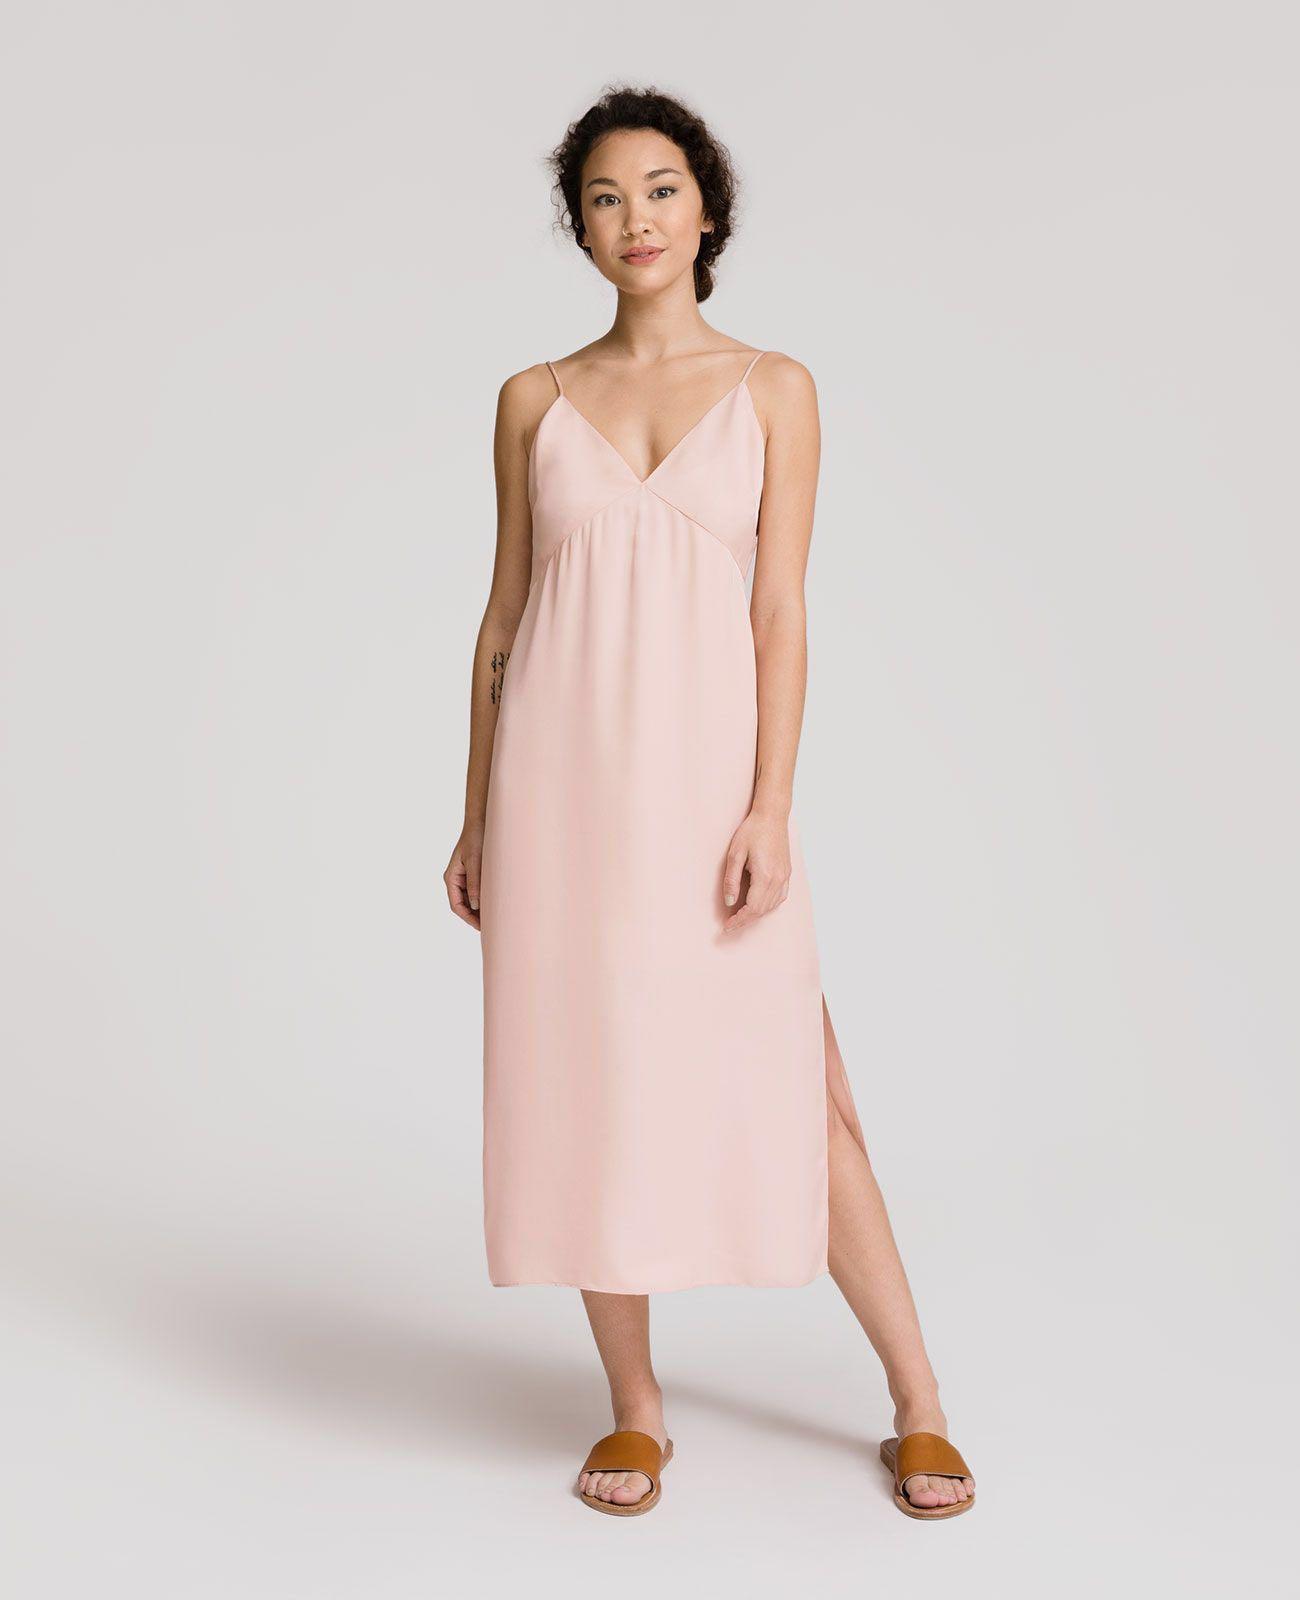 a80113949b1c Grana Silk Panelled V Neck Slip Dress, Women's Fashion, Clothes ...